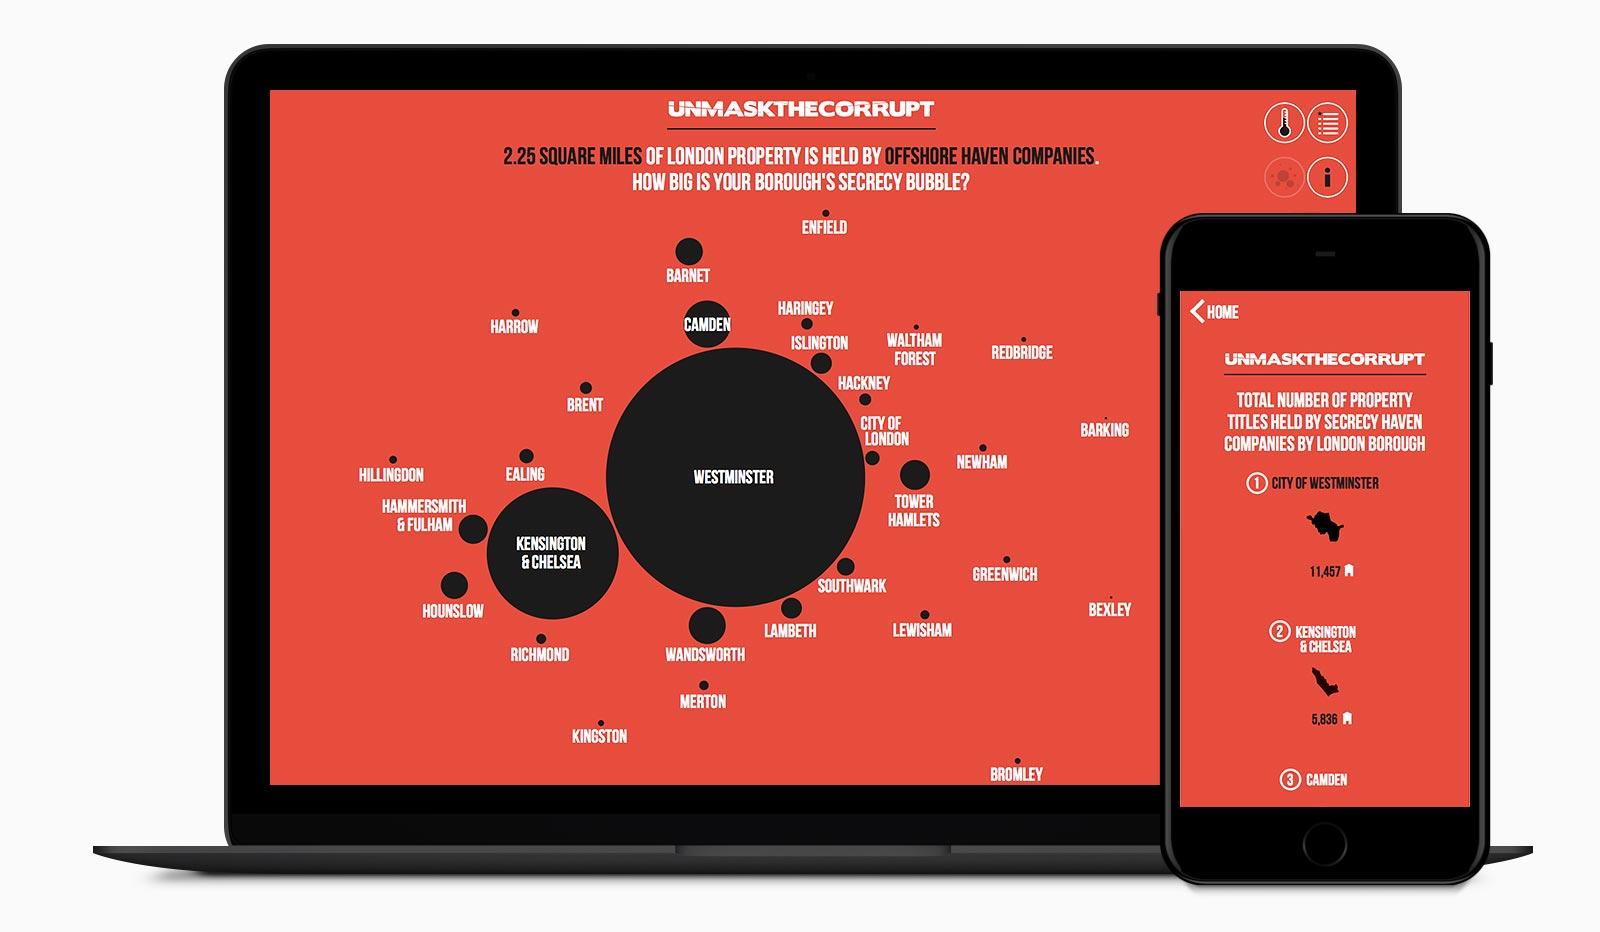 umtc_infographic